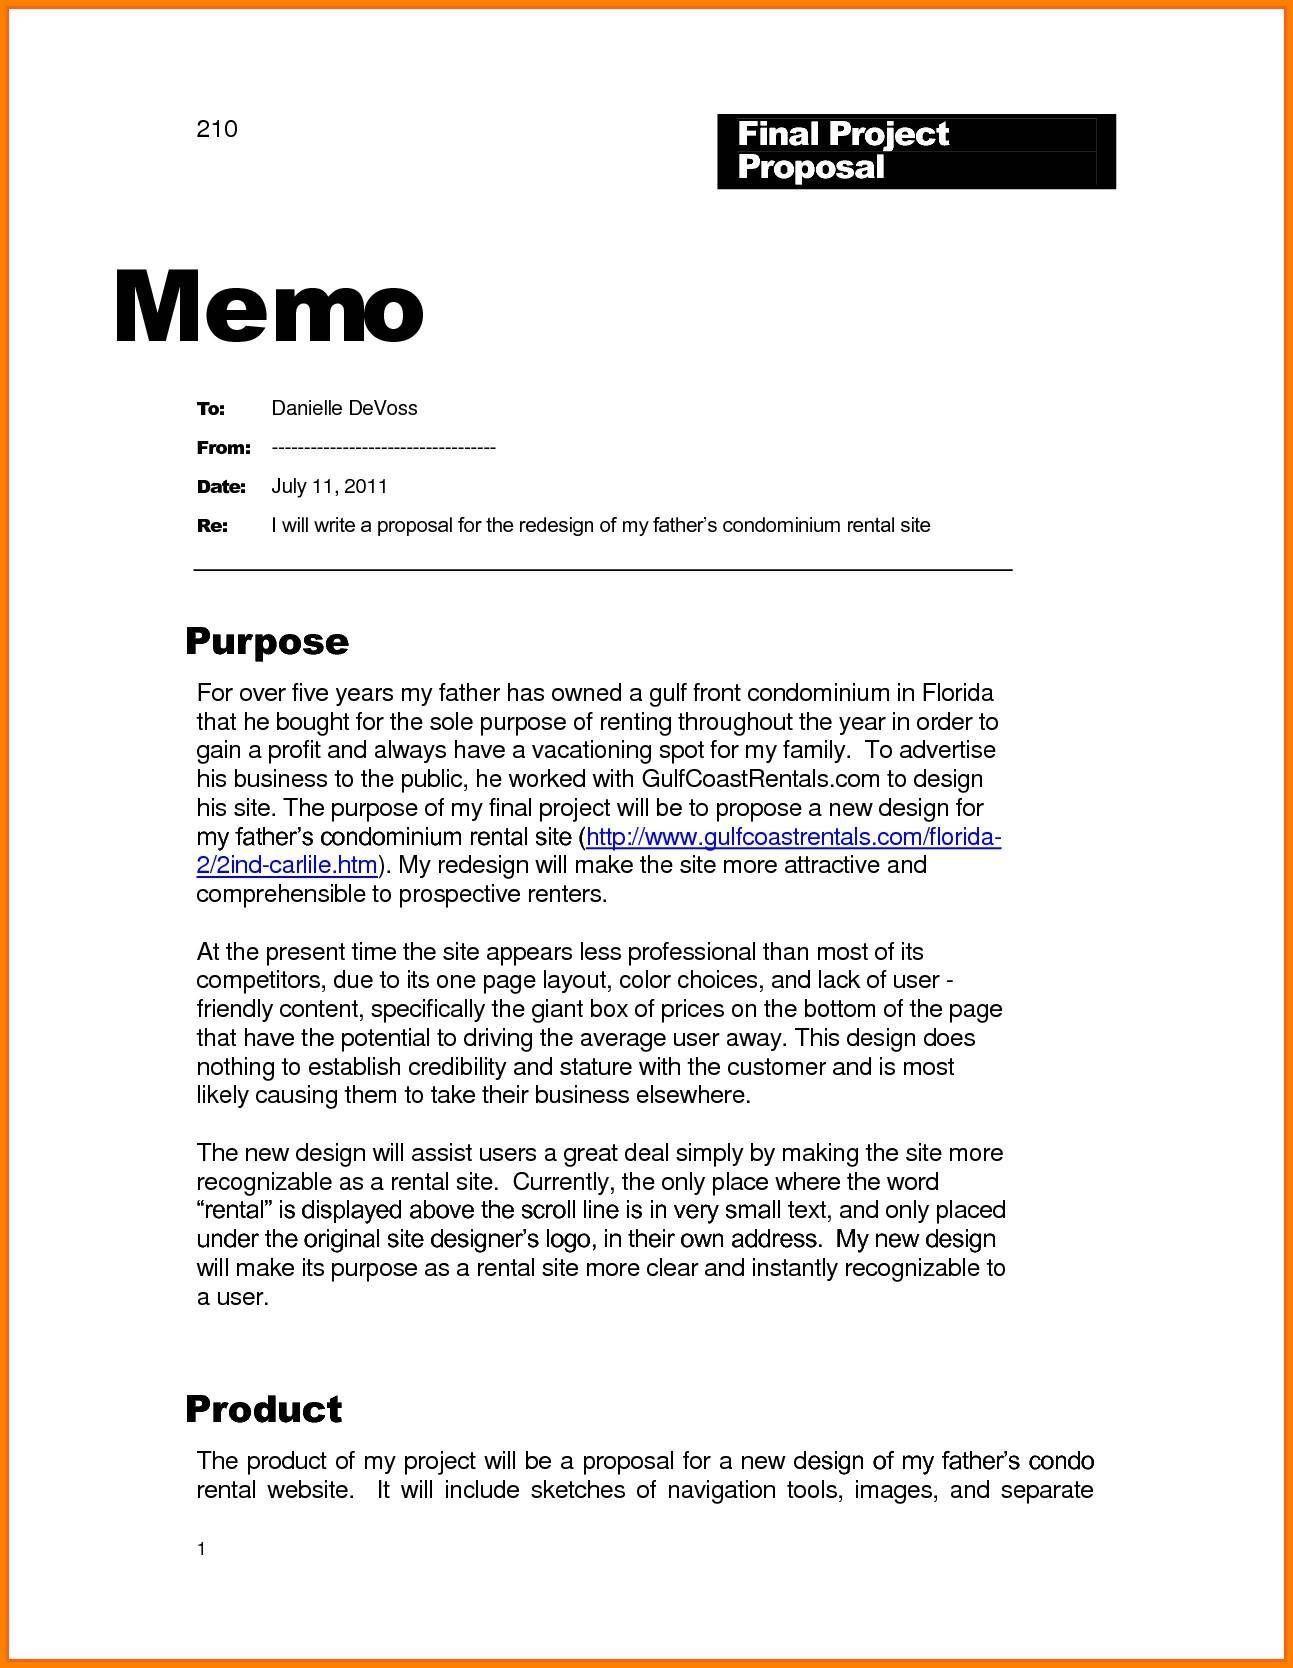 005 Wonderful Microsoft Word Professional Memorandum Template Sample  MemoFull